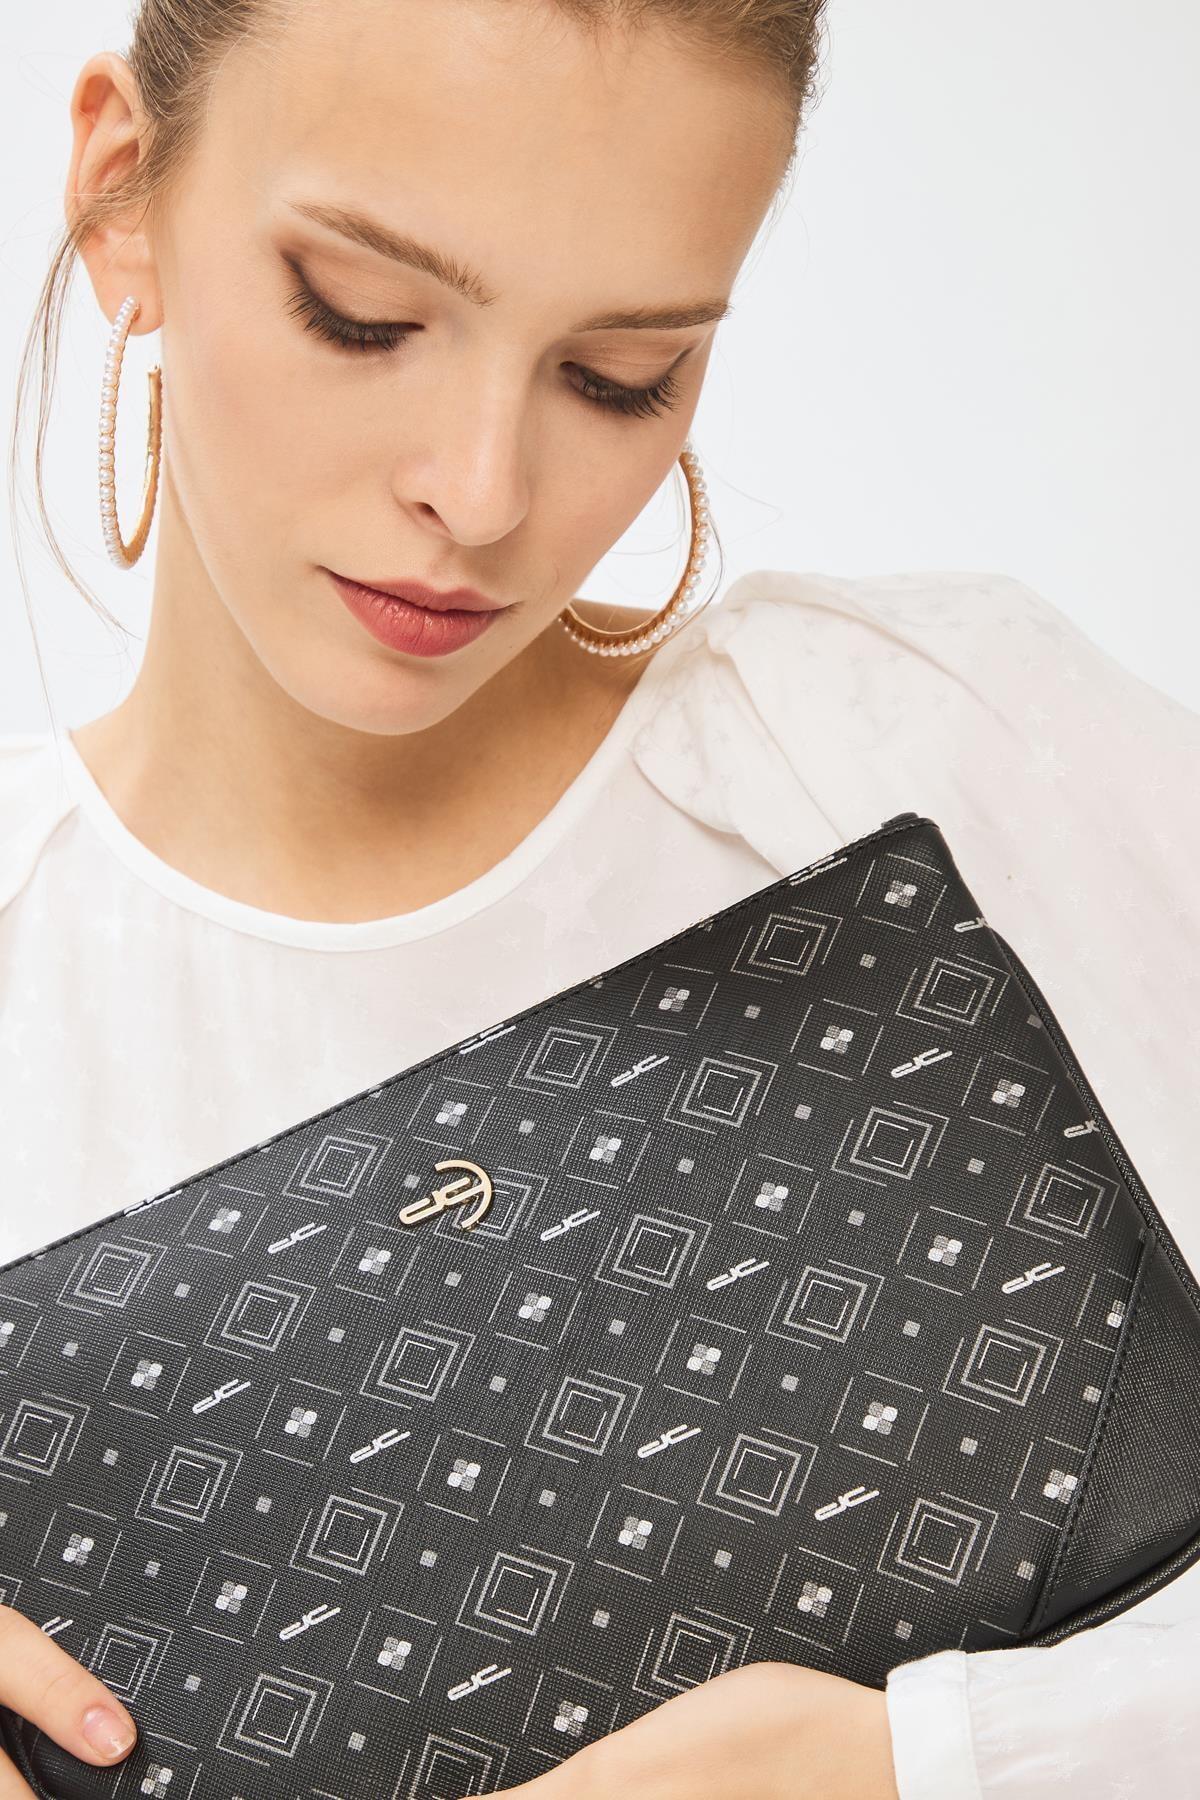 Deri Company Kadın Basic Clutch Çanta Monogram Desenli Siyah Gri 214002 2